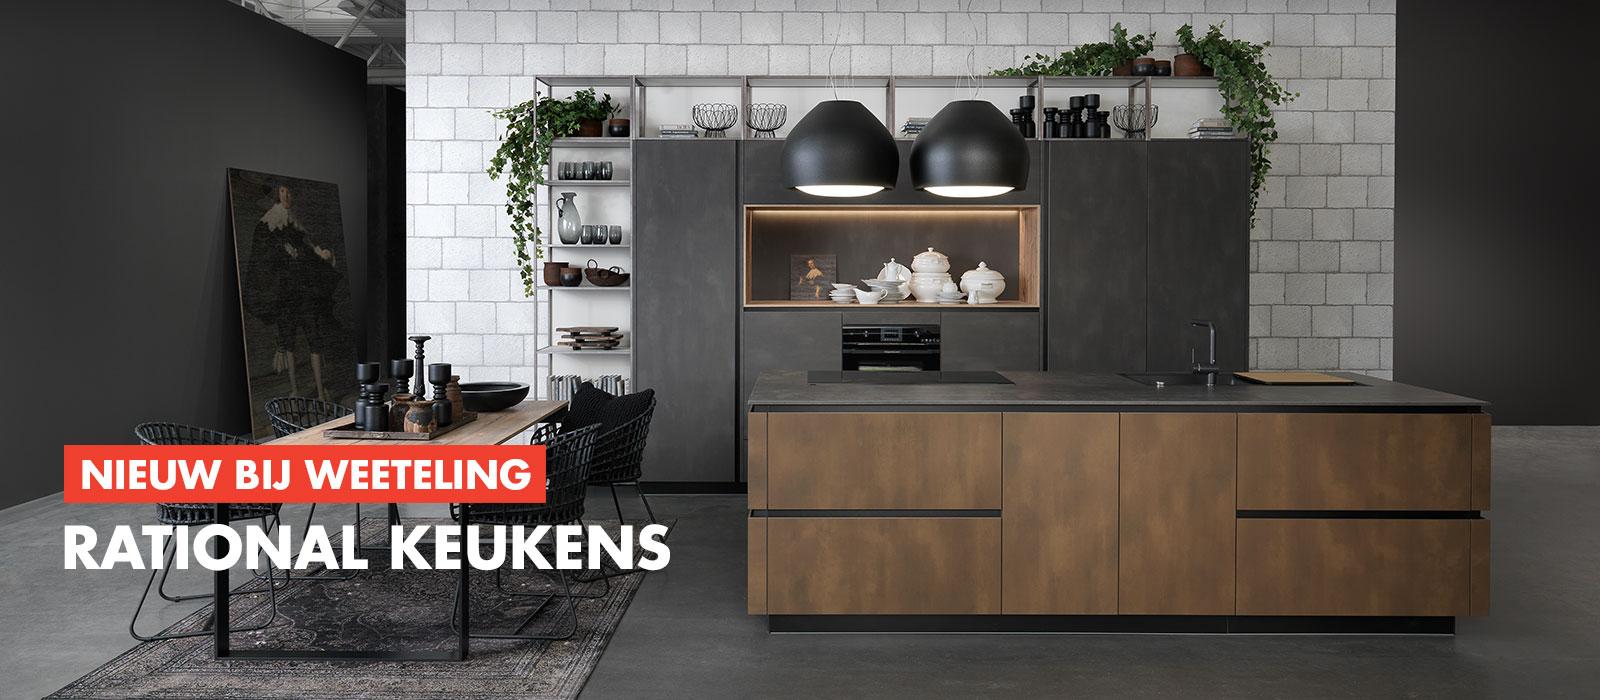 Rational Keukens bij Weeteling in Grootebroek